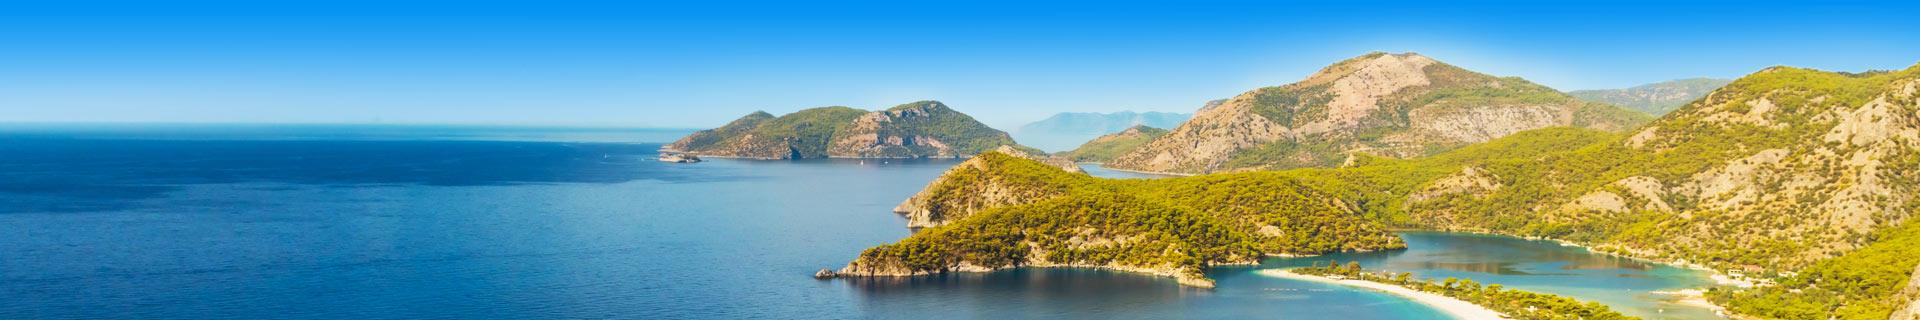 kan ik op vakantie naar turkije